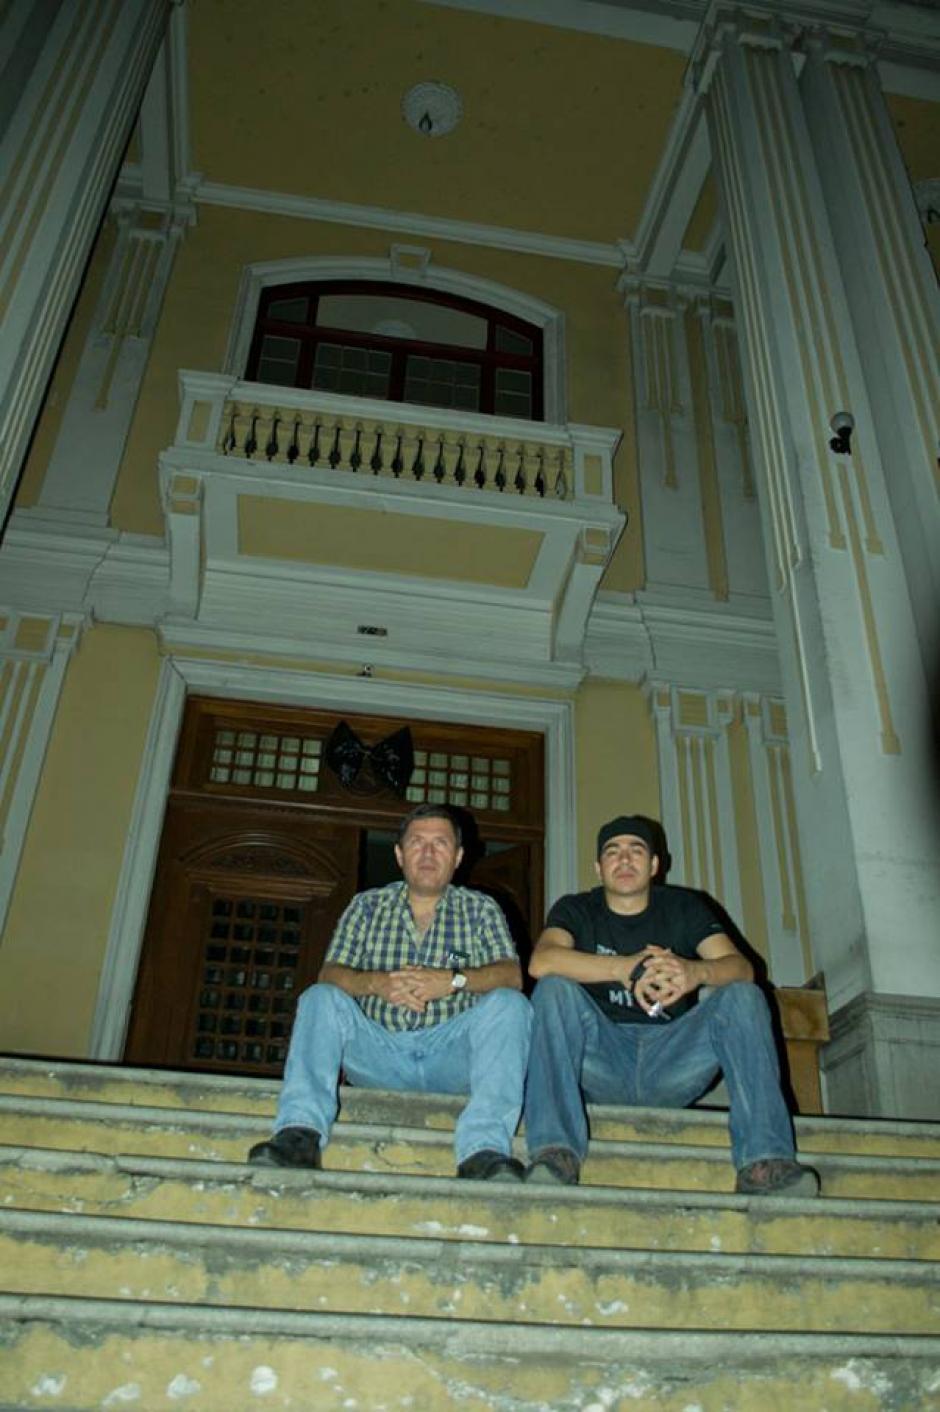 El Paraninfo Universitario es uno de los lugares con gran presencia de energía en la ciudad. (Foto: Guatespantos)